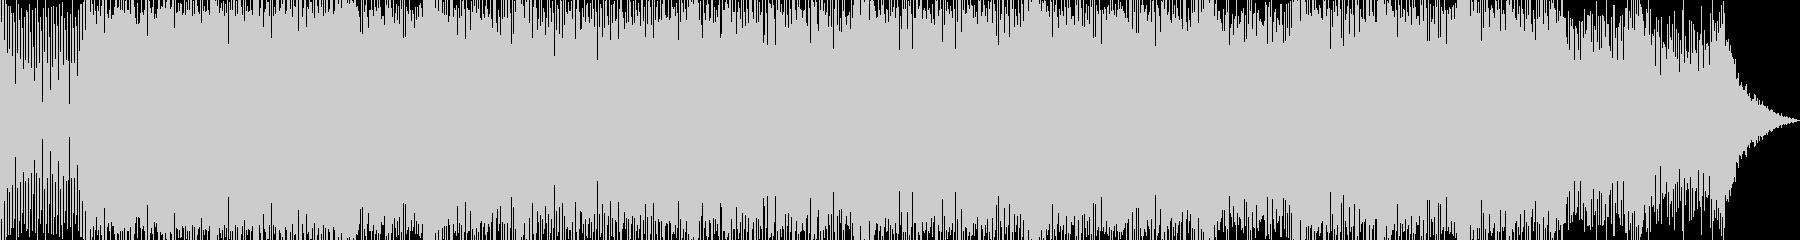 シューティング、疾走感あるエレクトロトラの未再生の波形